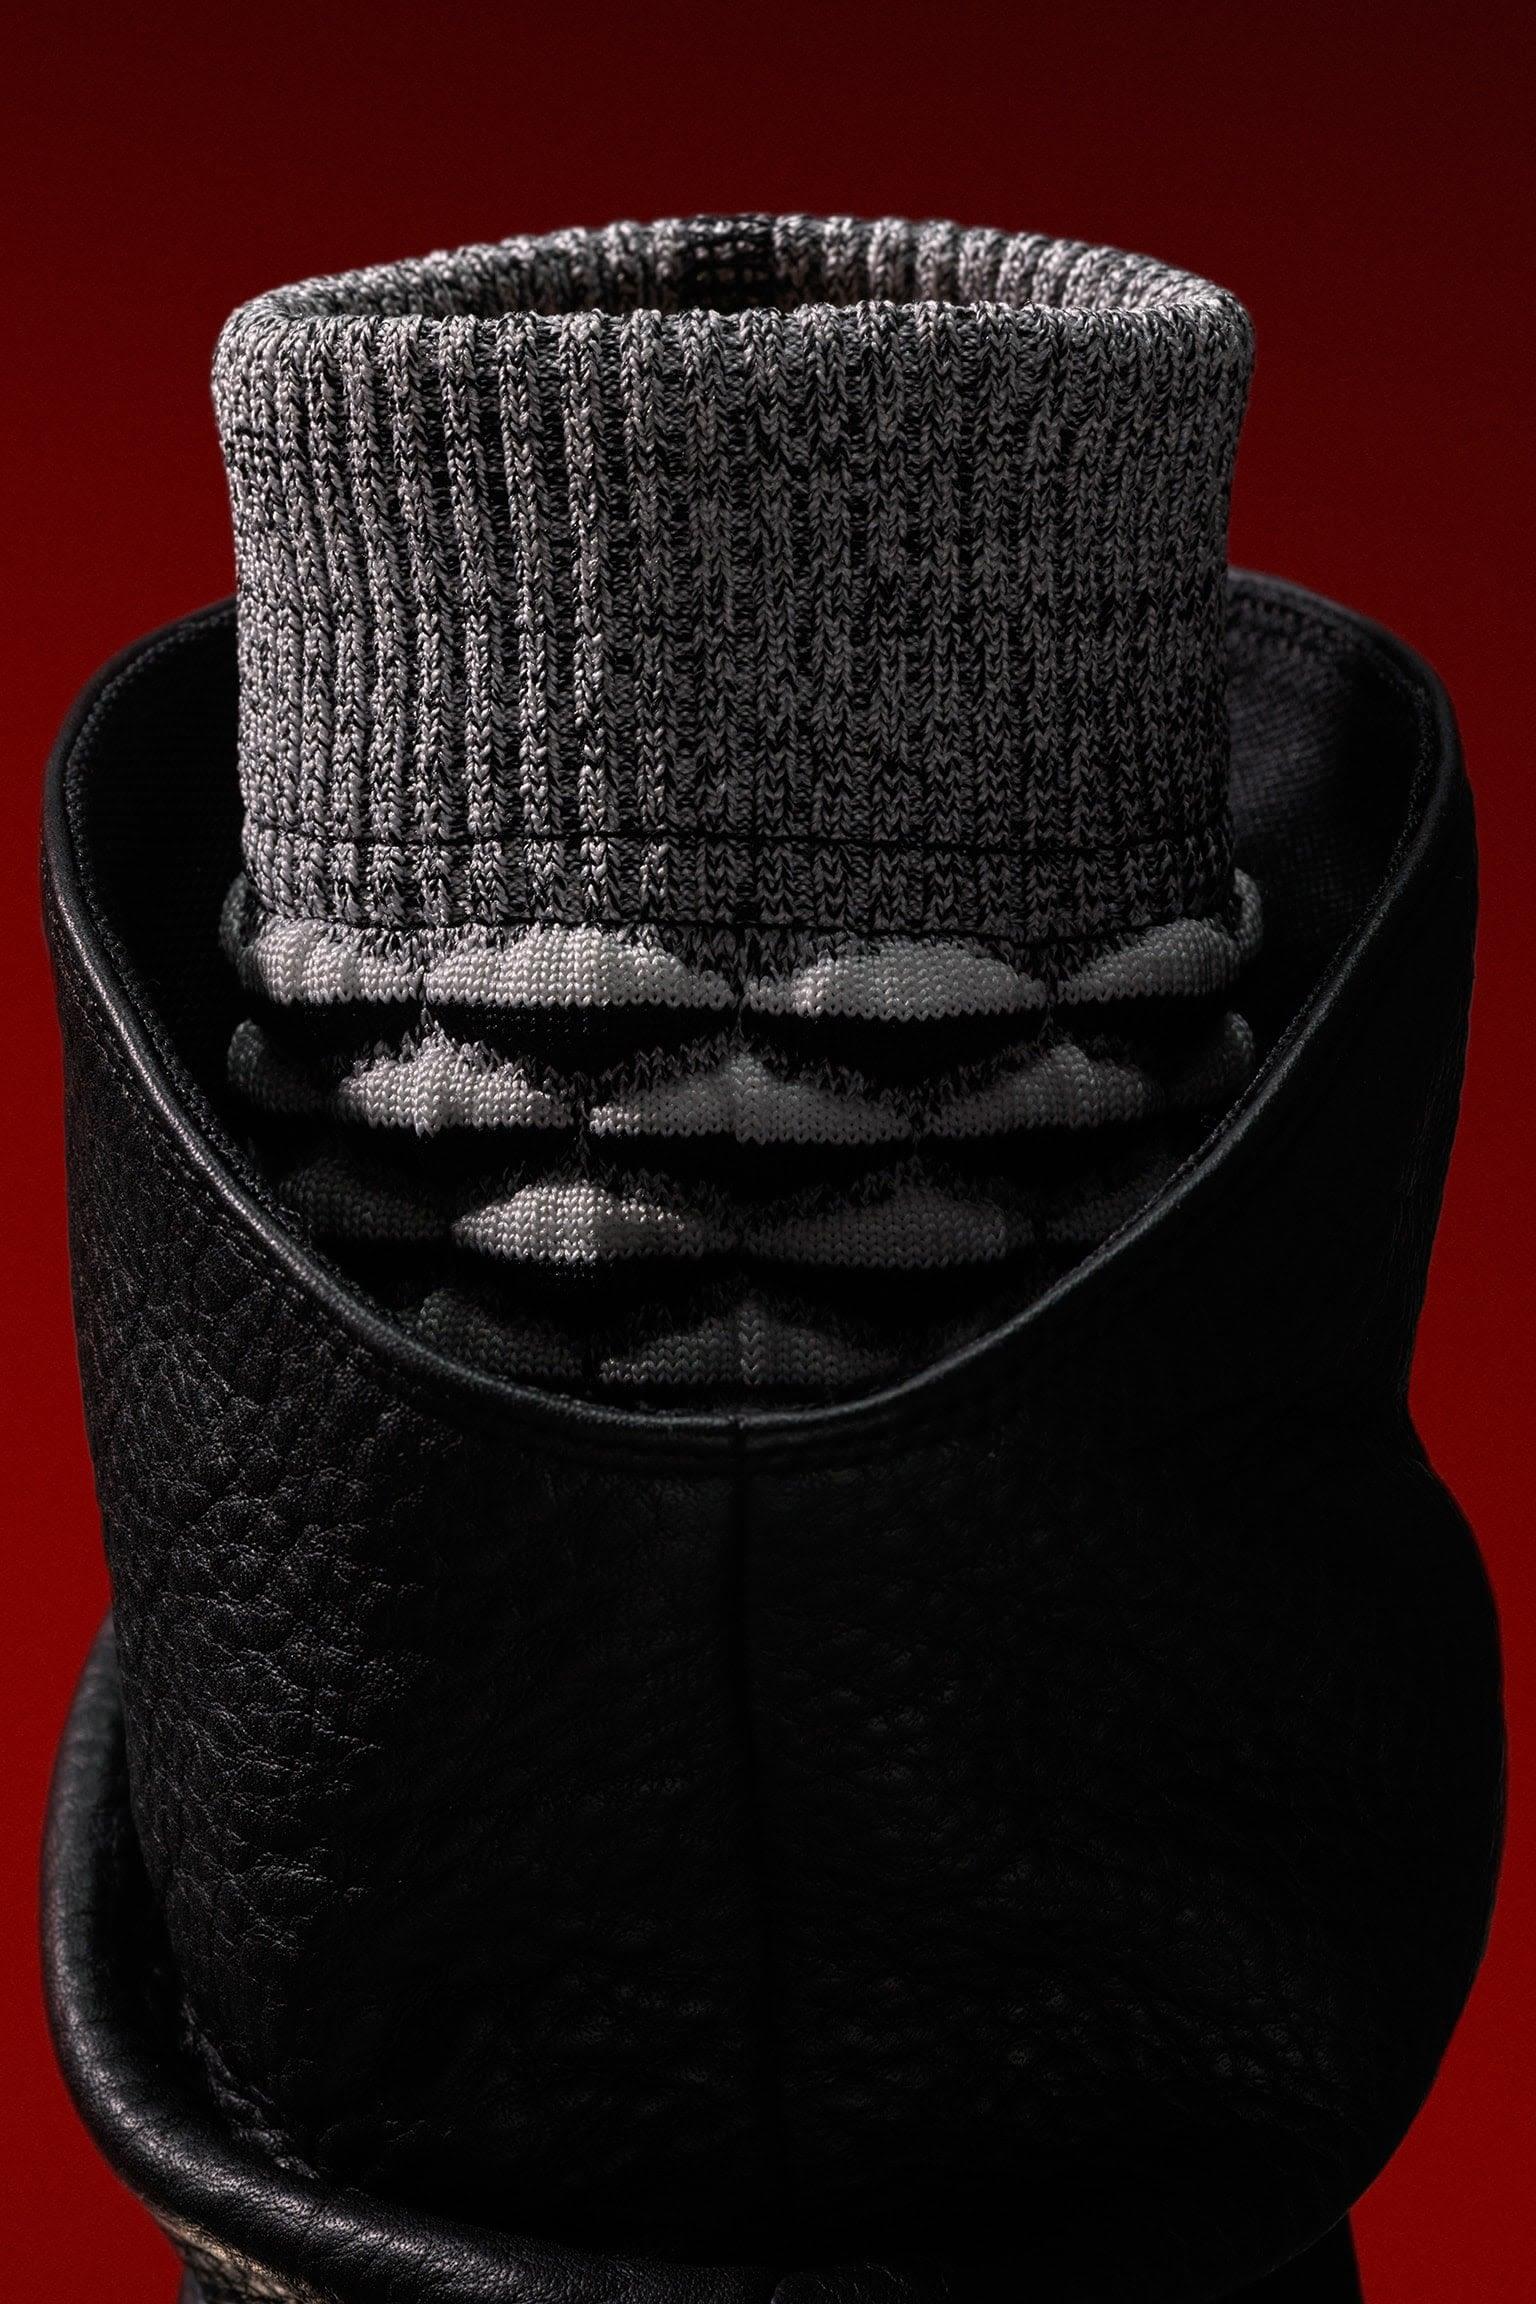 Nike Roshe Two Flyknit Hi SneakerBoot « Black & White » pour Femme. Date de sortie